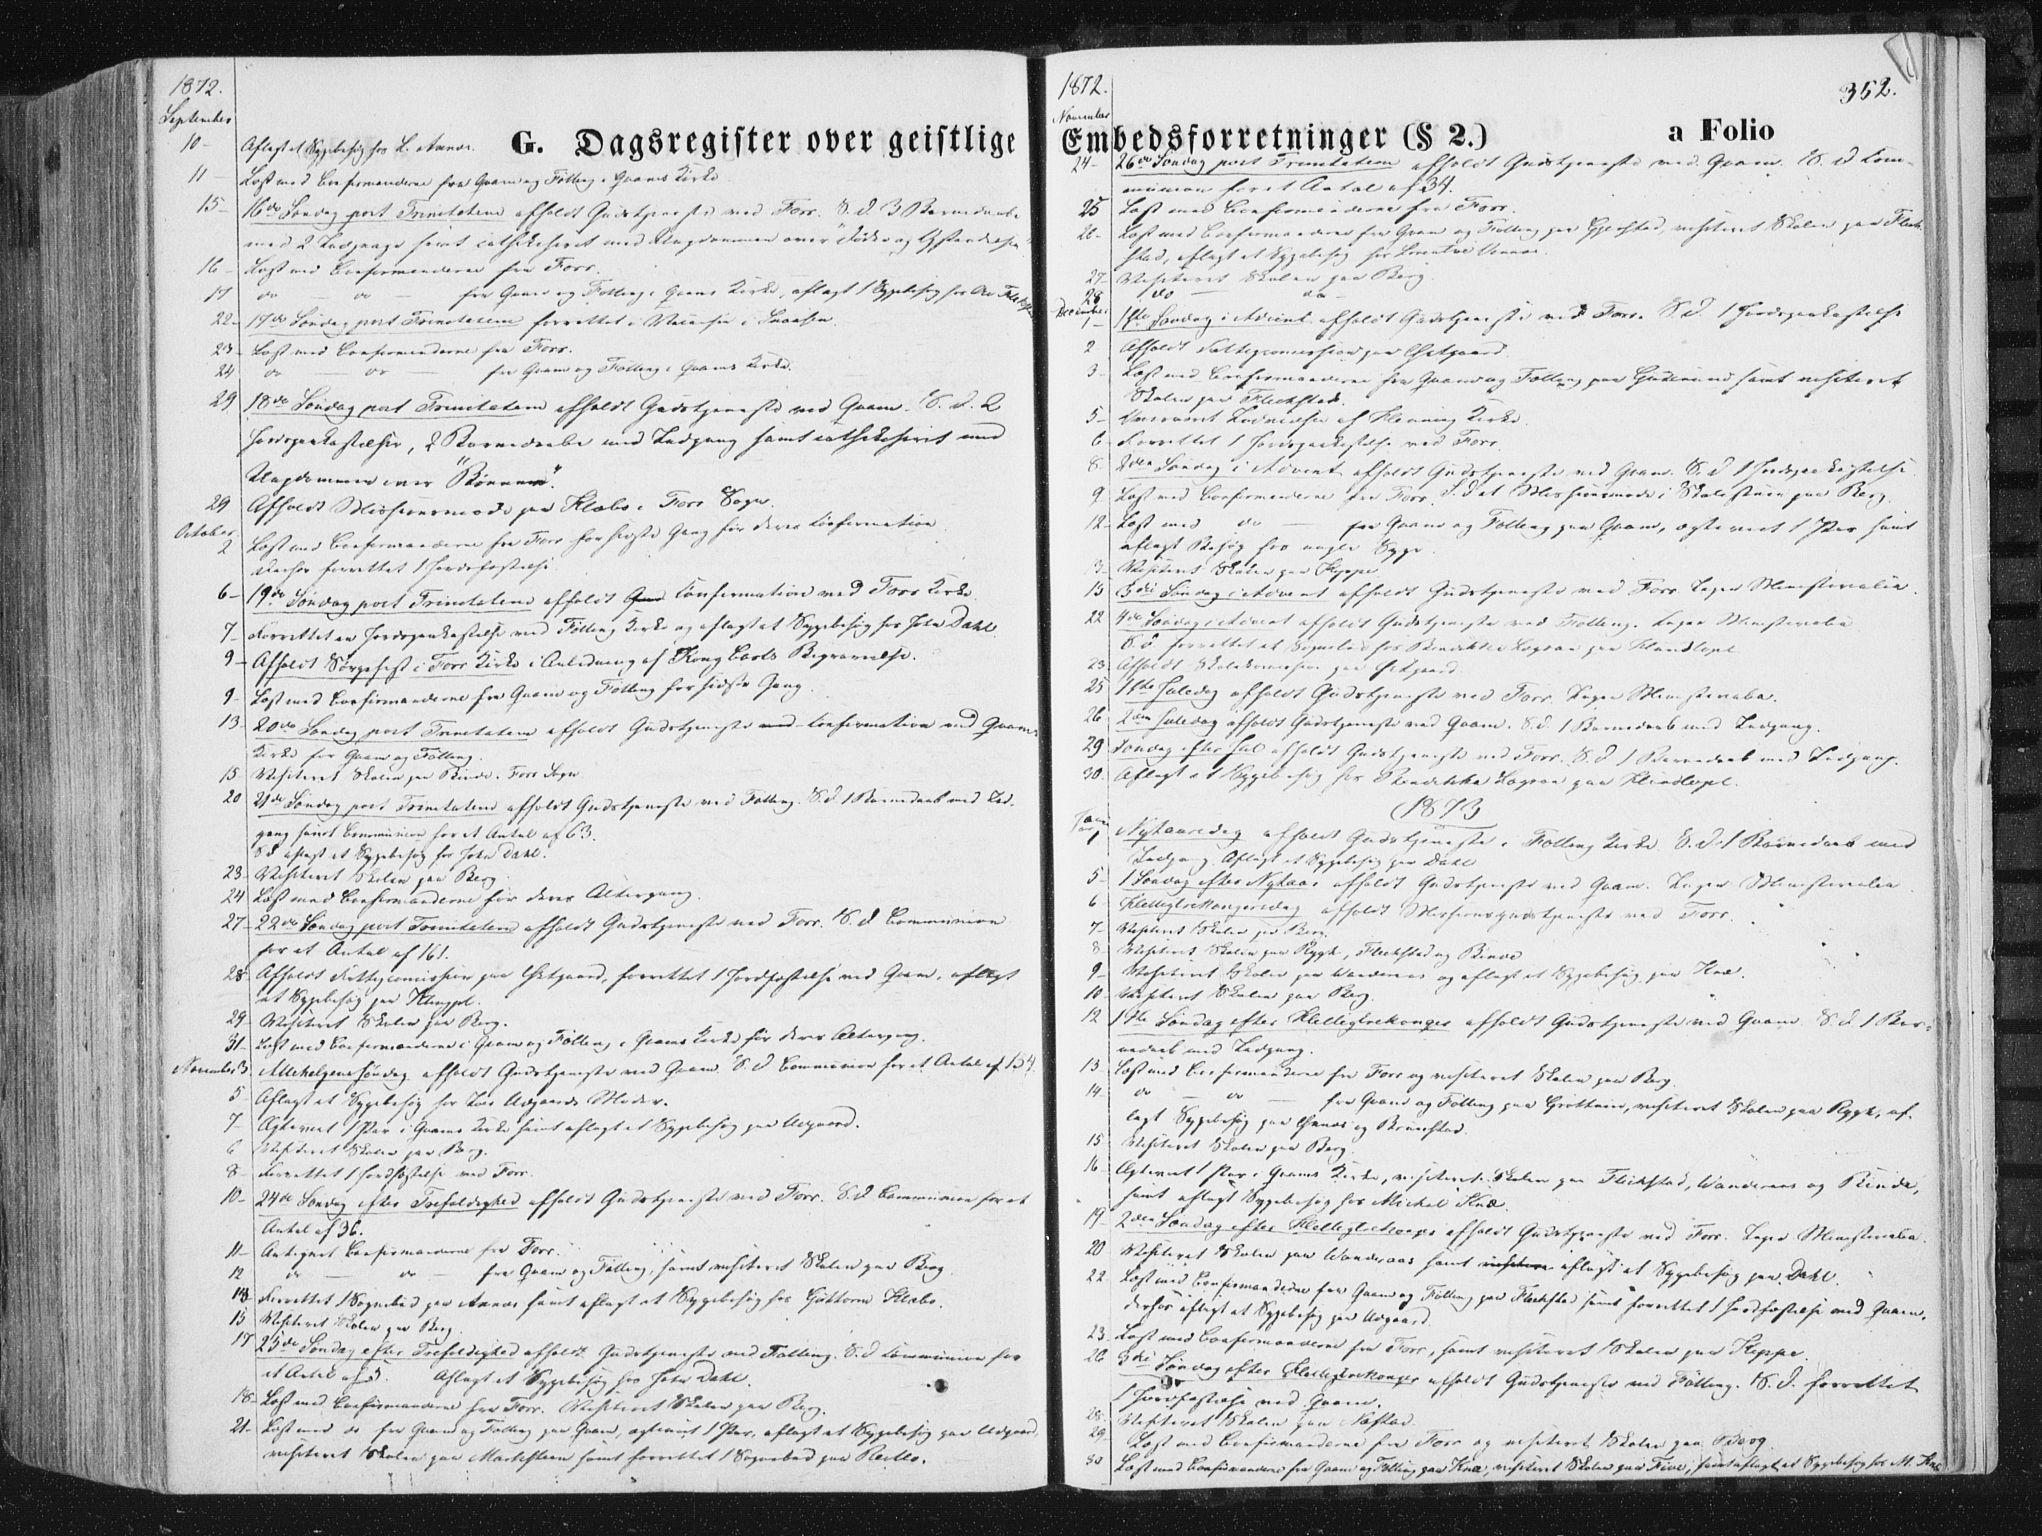 SAT, Ministerialprotokoller, klokkerbøker og fødselsregistre - Nord-Trøndelag, 746/L0447: Ministerialbok nr. 746A06, 1860-1877, s. 352